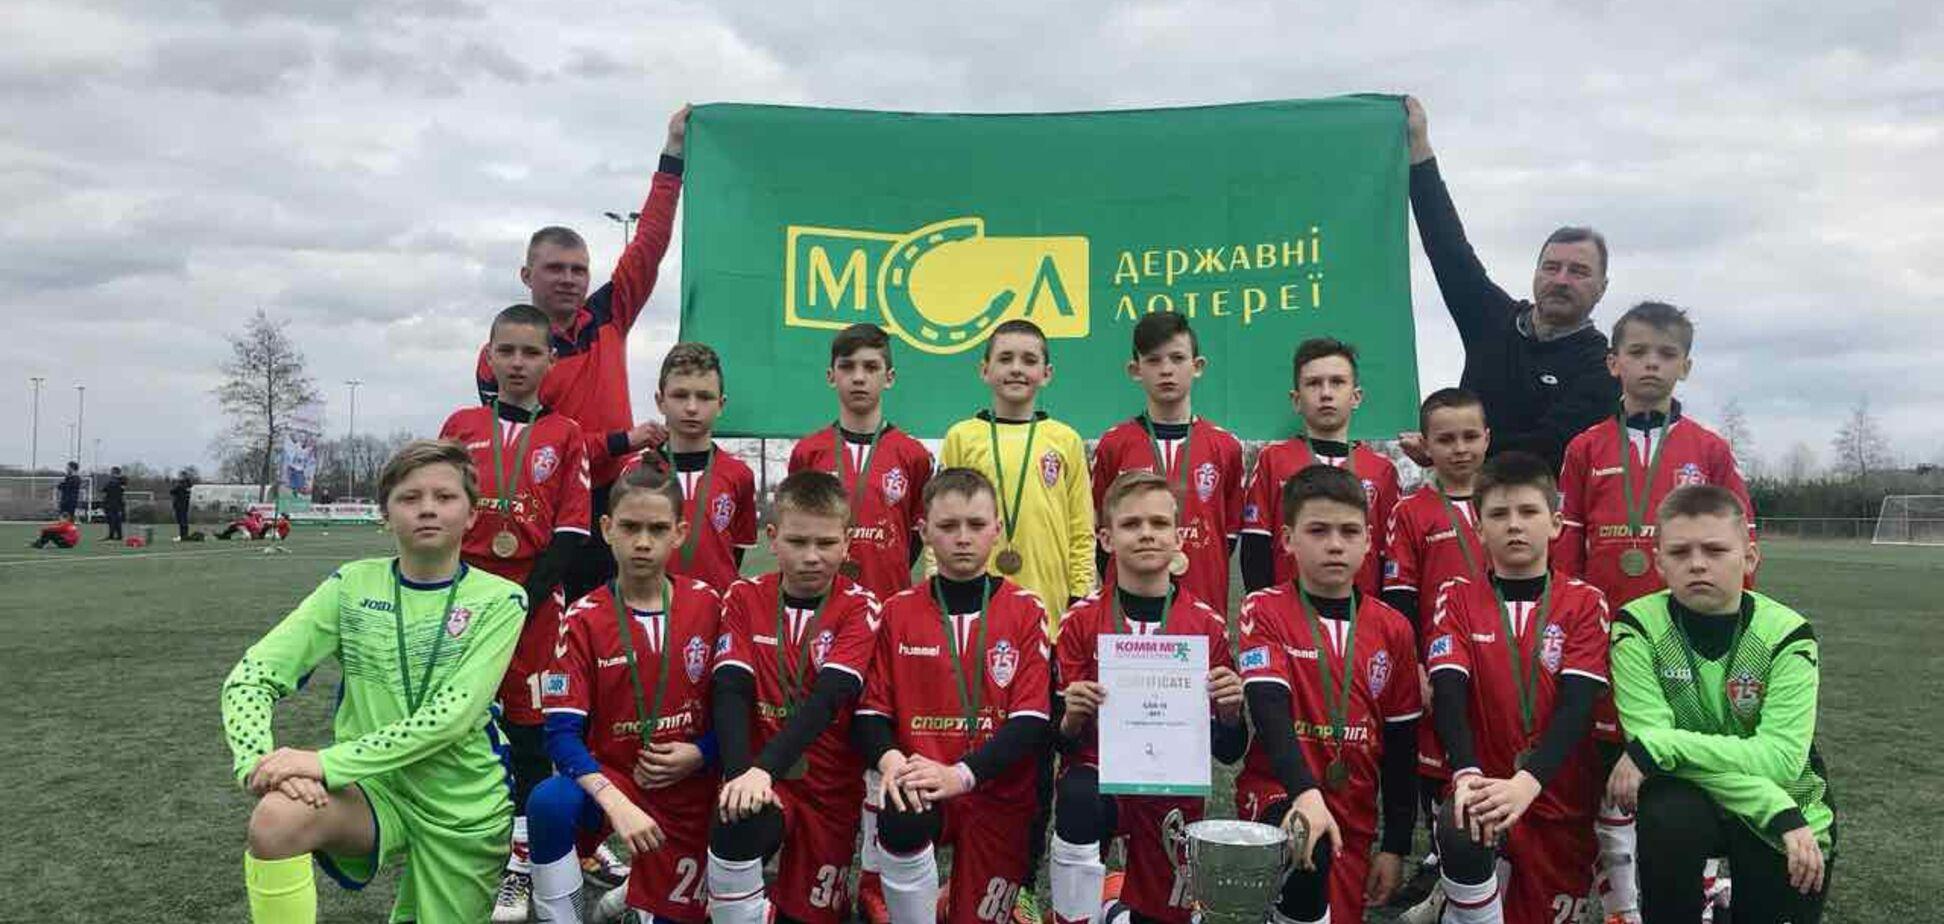 Украинская команда завоевала серебро на международном футбольном турнире